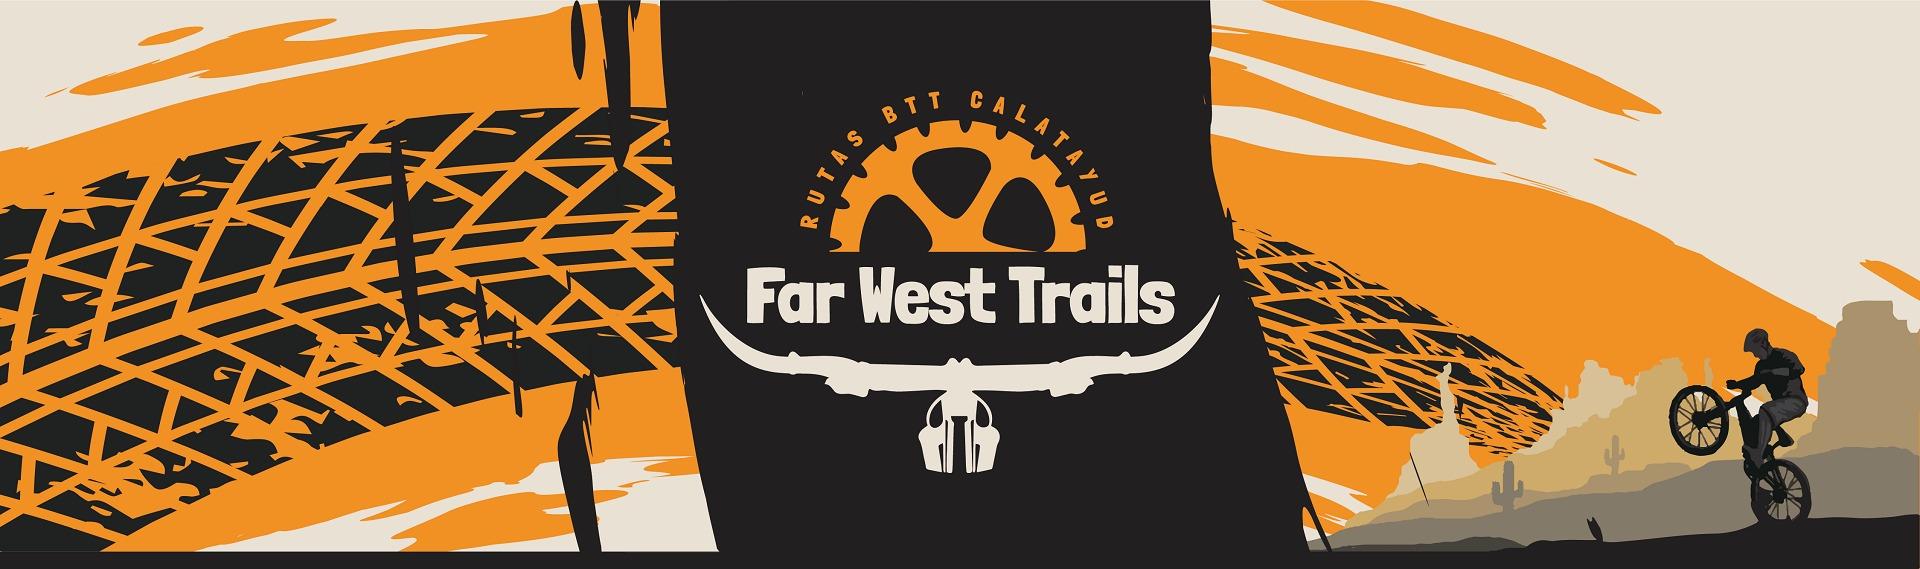 Far West Trails - Calatayud Bike - Cabecera home